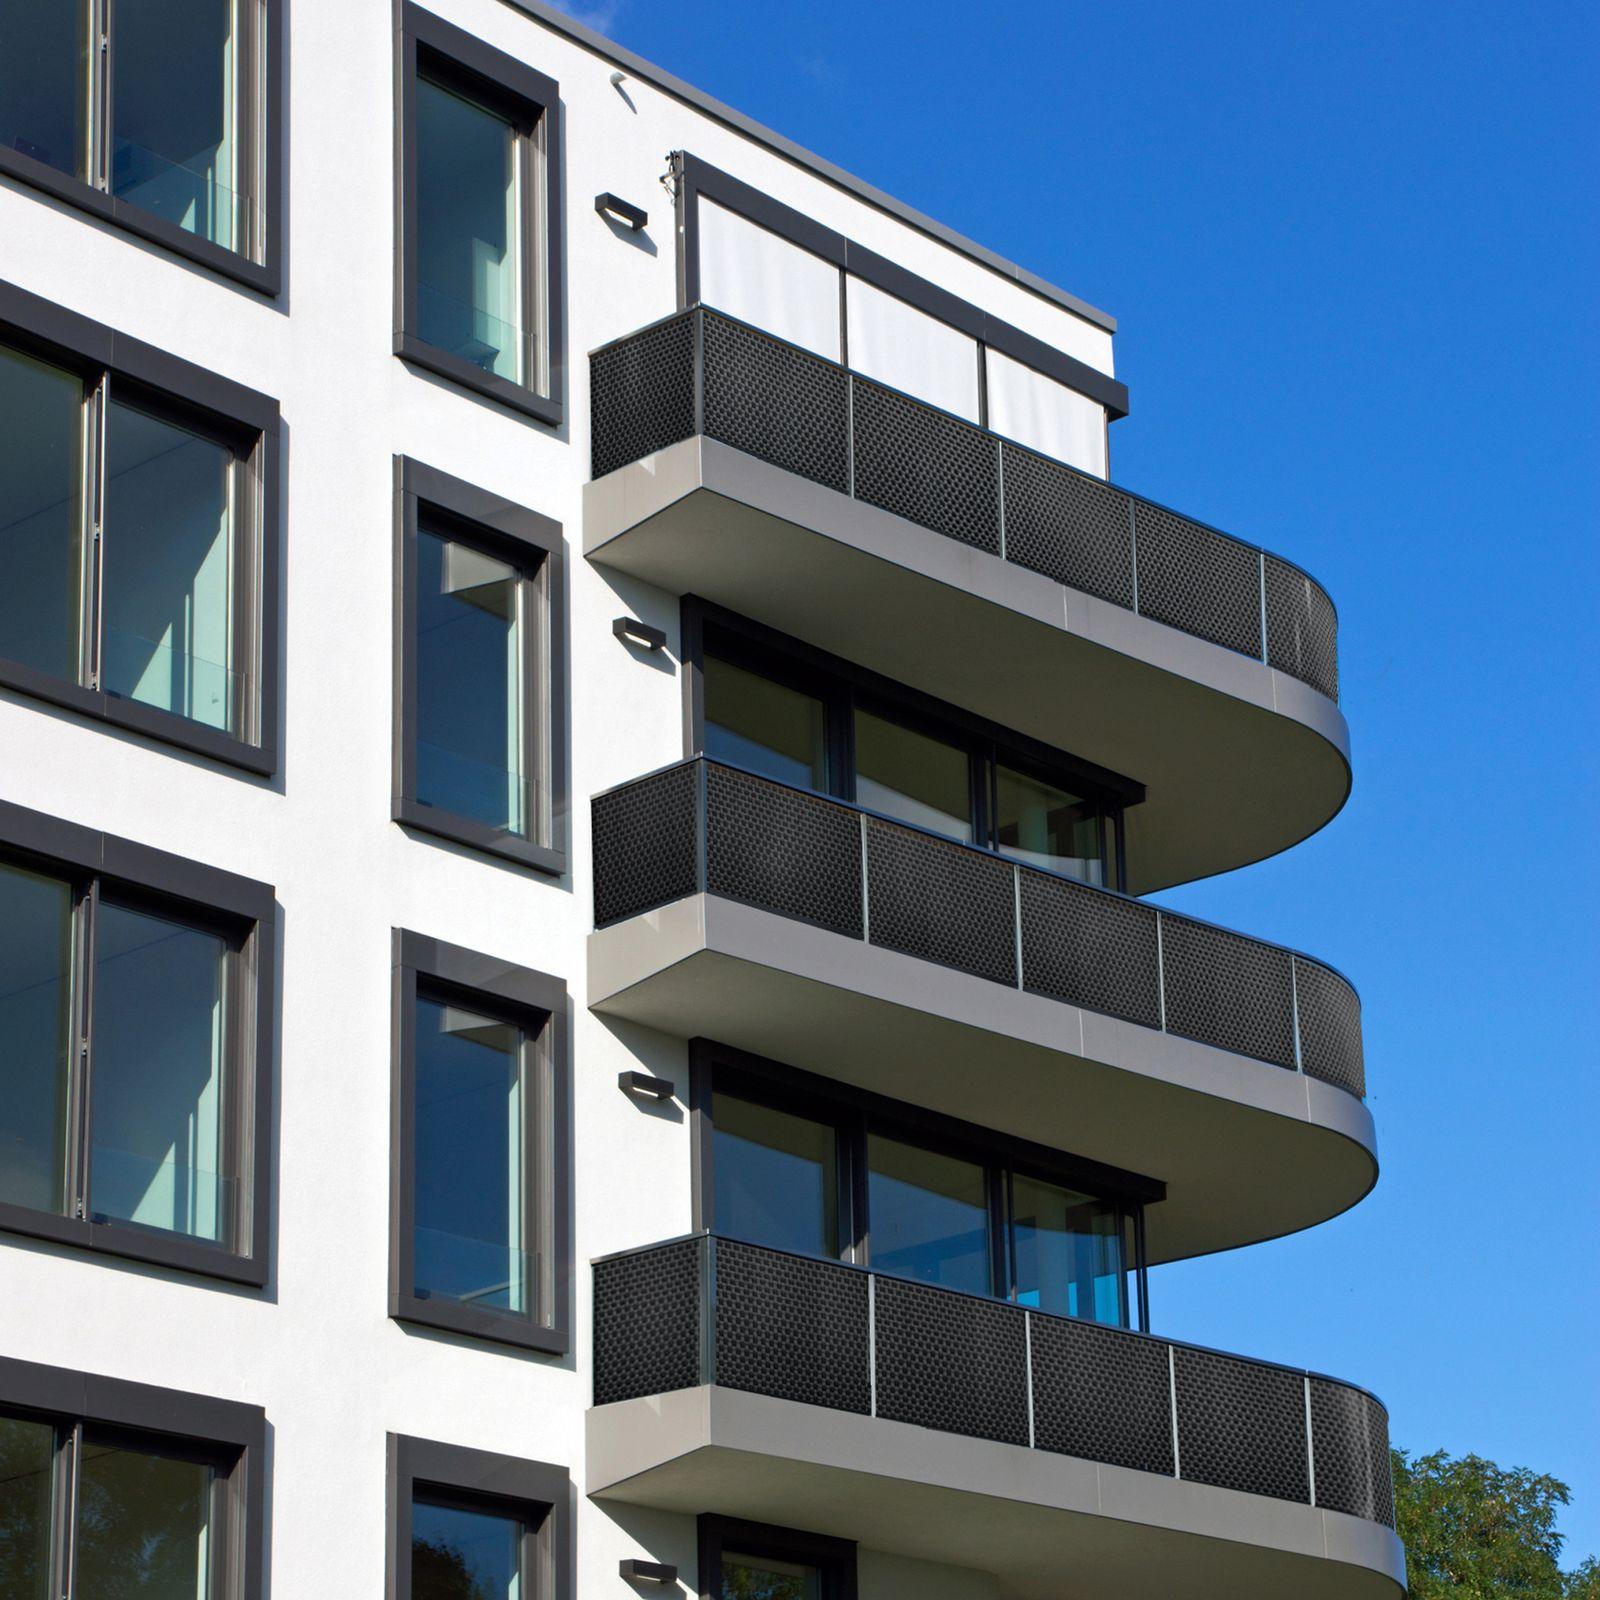 Osłona balkonowa Tress 1 x 5 m szara PATIO